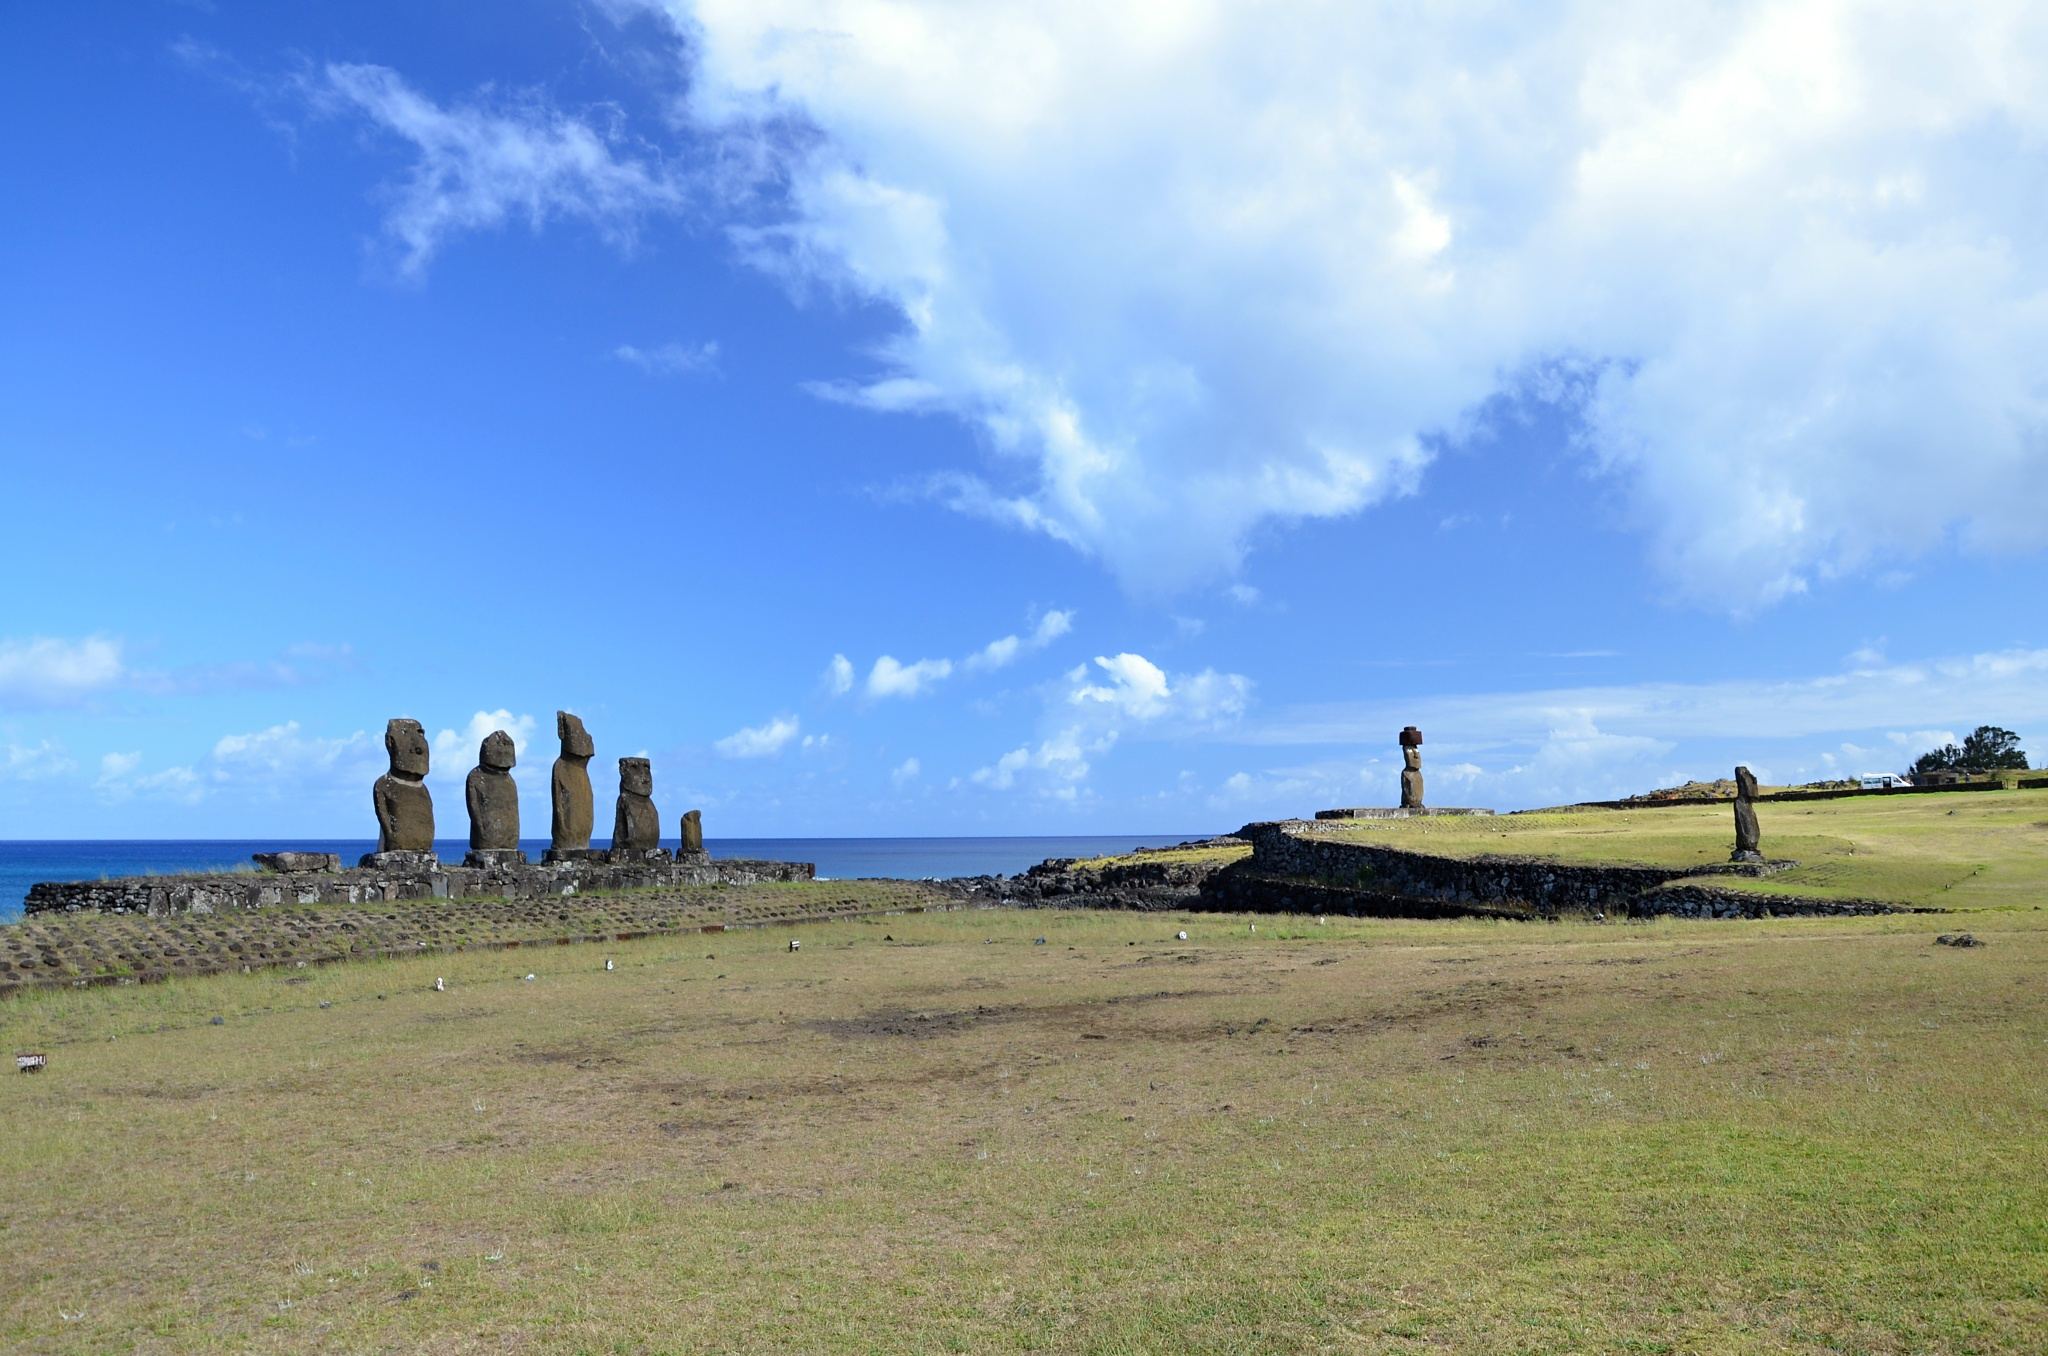 Další místo s celkem třemi posvátnými plošinami Ahu a sedmi stojícími sochami Moai